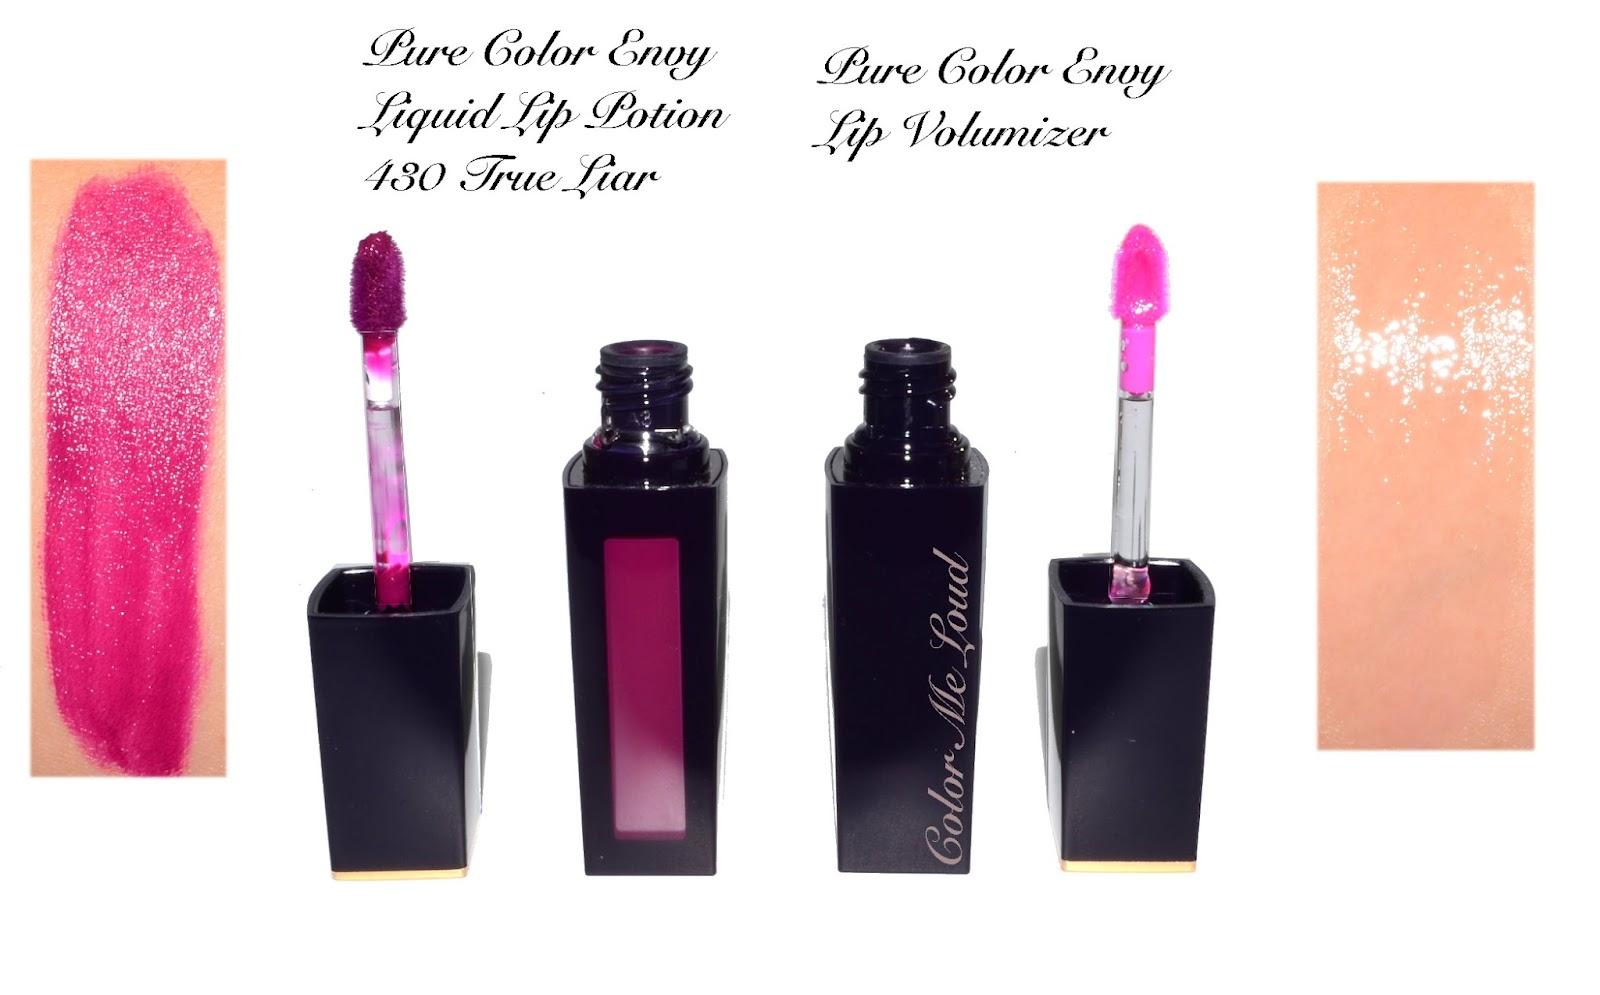 Pure Color Envy Lip Volumizer by Estée Lauder #15